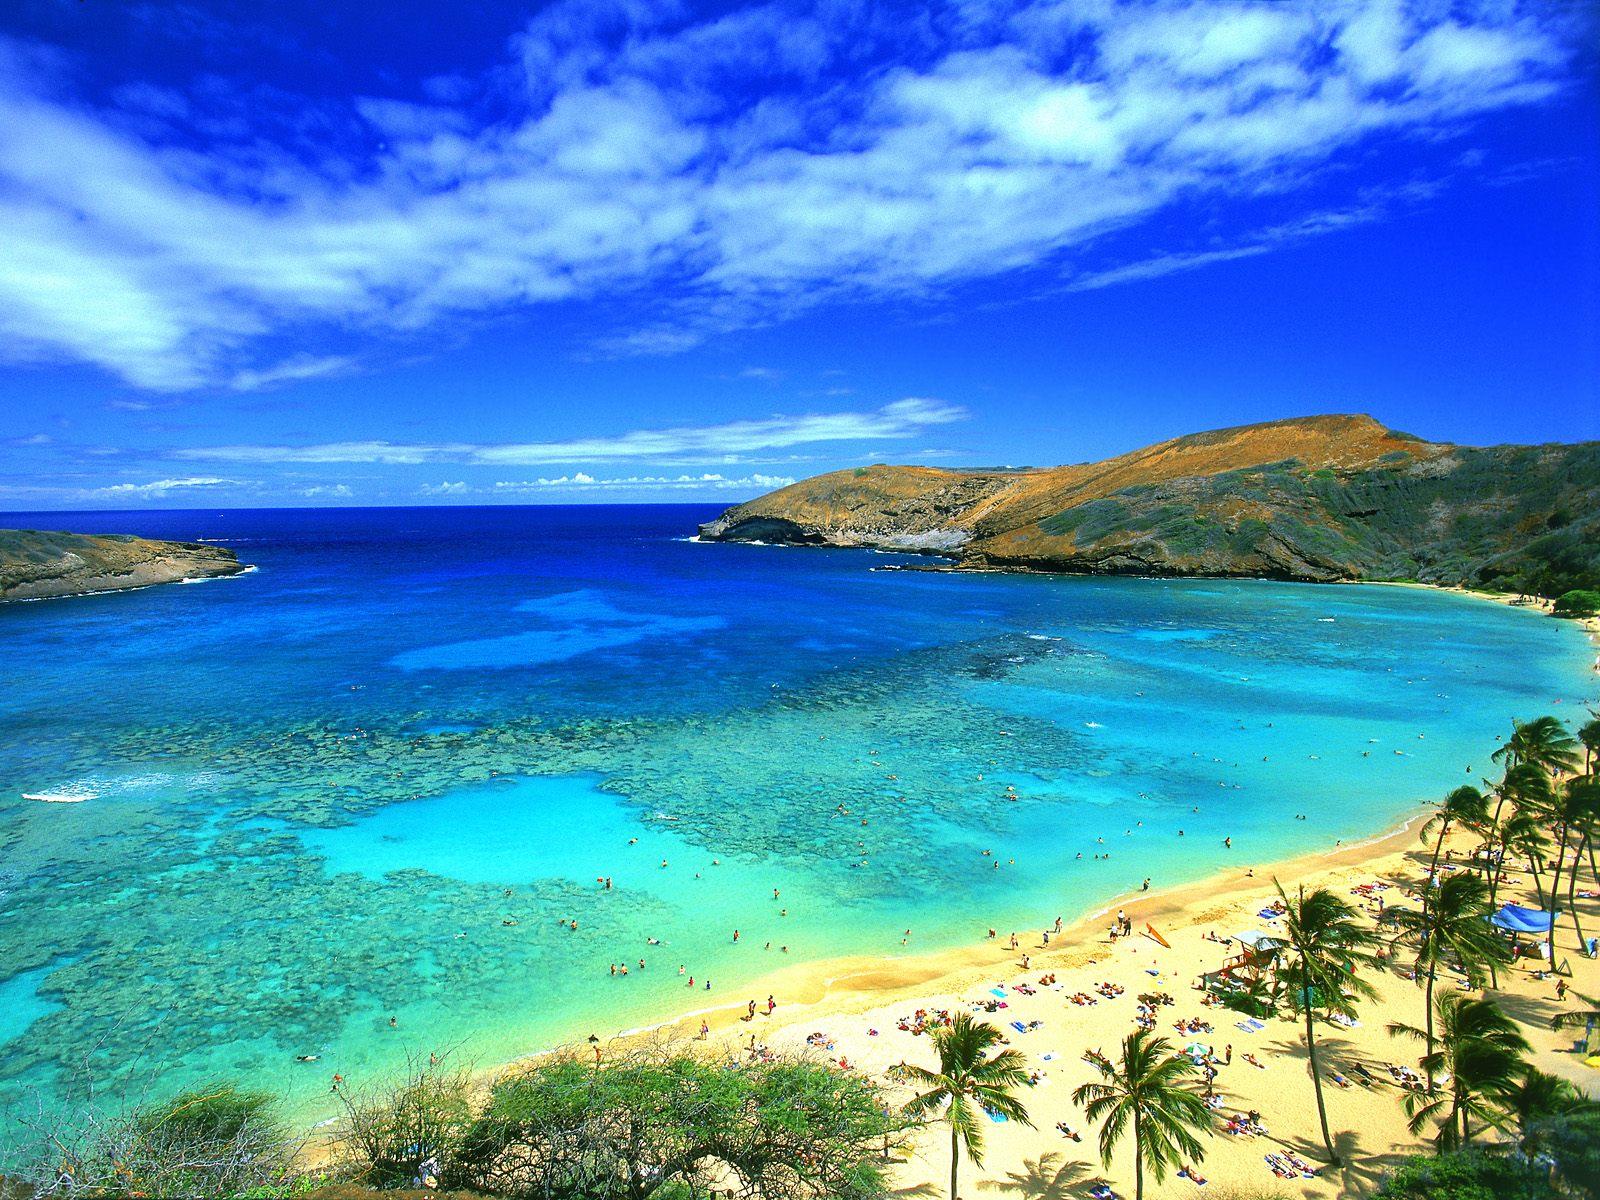 http://3.bp.blogspot.com/-yHiFayqbVA8/TedZoMaIOPI/AAAAAAAAA7g/iJvf4H2KkJg/s1600/Hanauma-Bay-Beach-Oahu-Hawaii-wallpaper-1.jpg